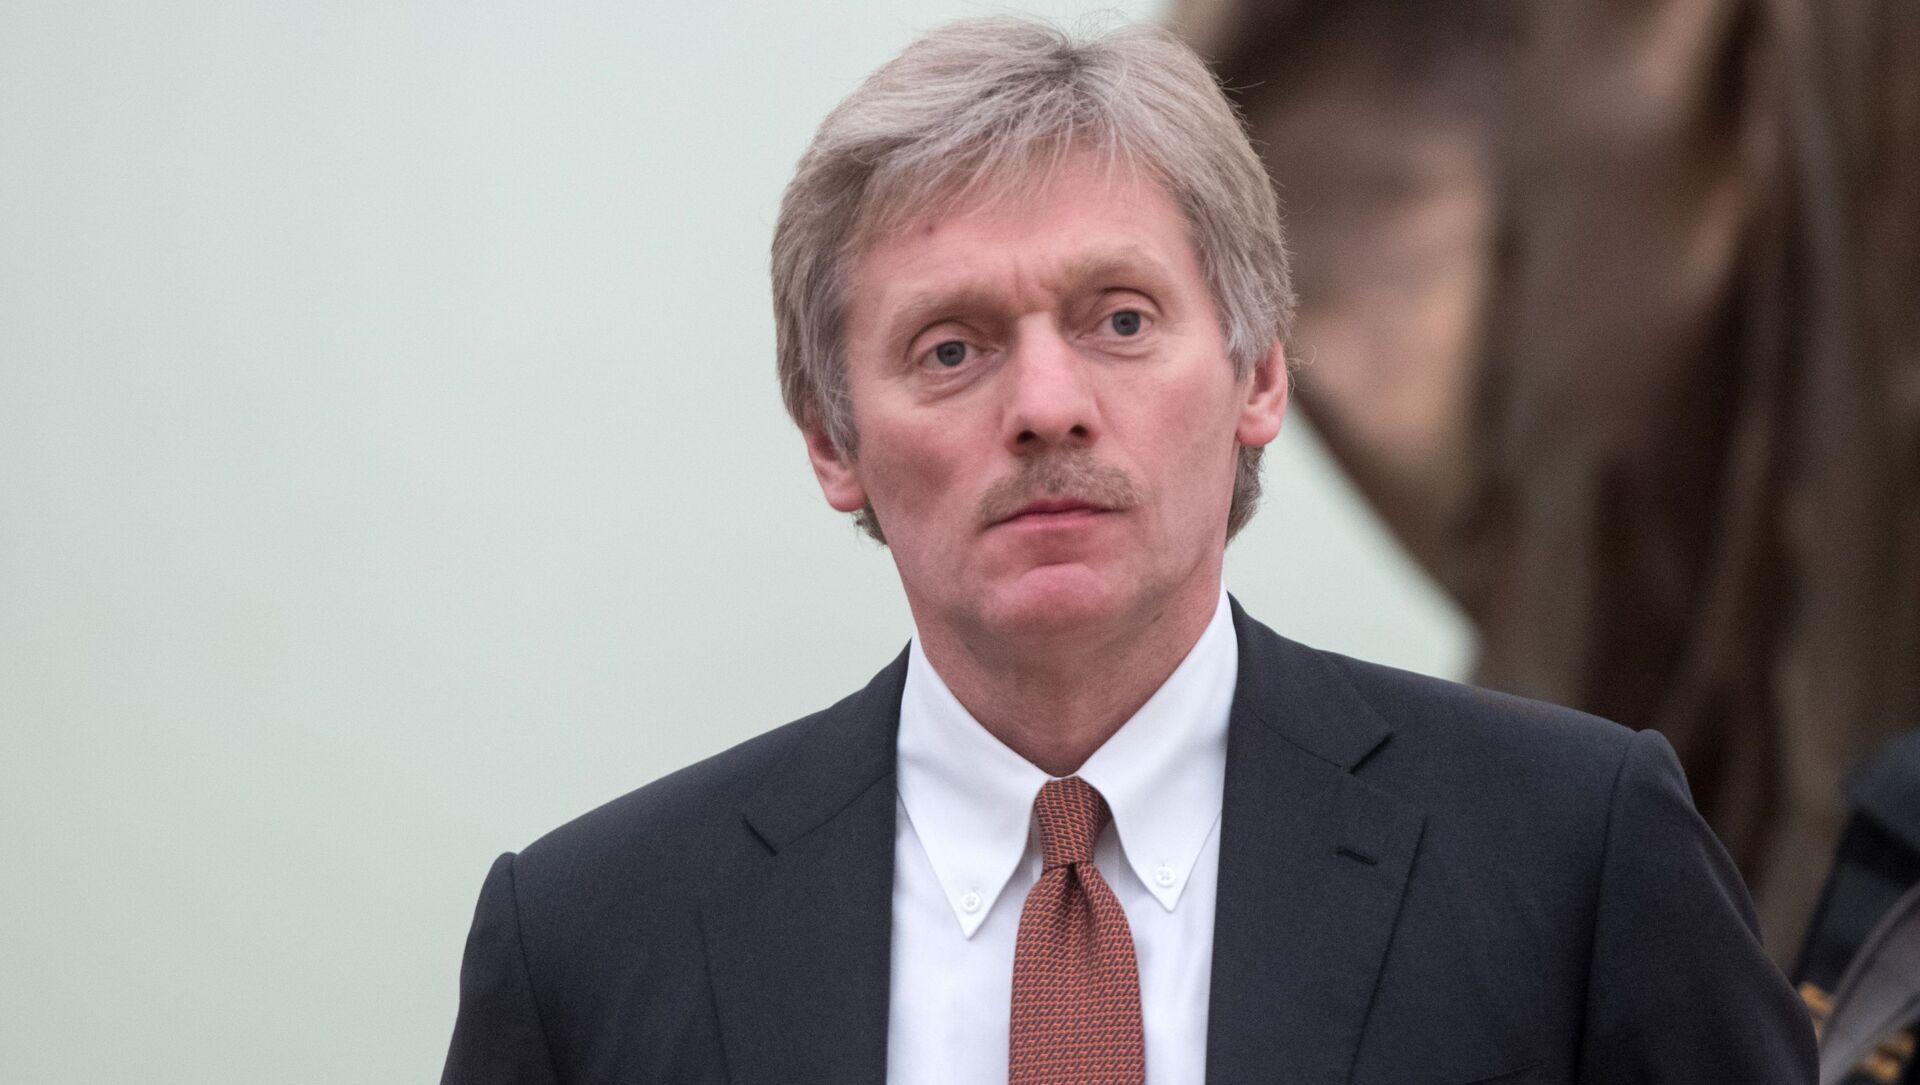 Tiskový tajemník prezidenta RF Dmitrij Peskov - Sputnik Česká republika, 1920, 08.04.2021